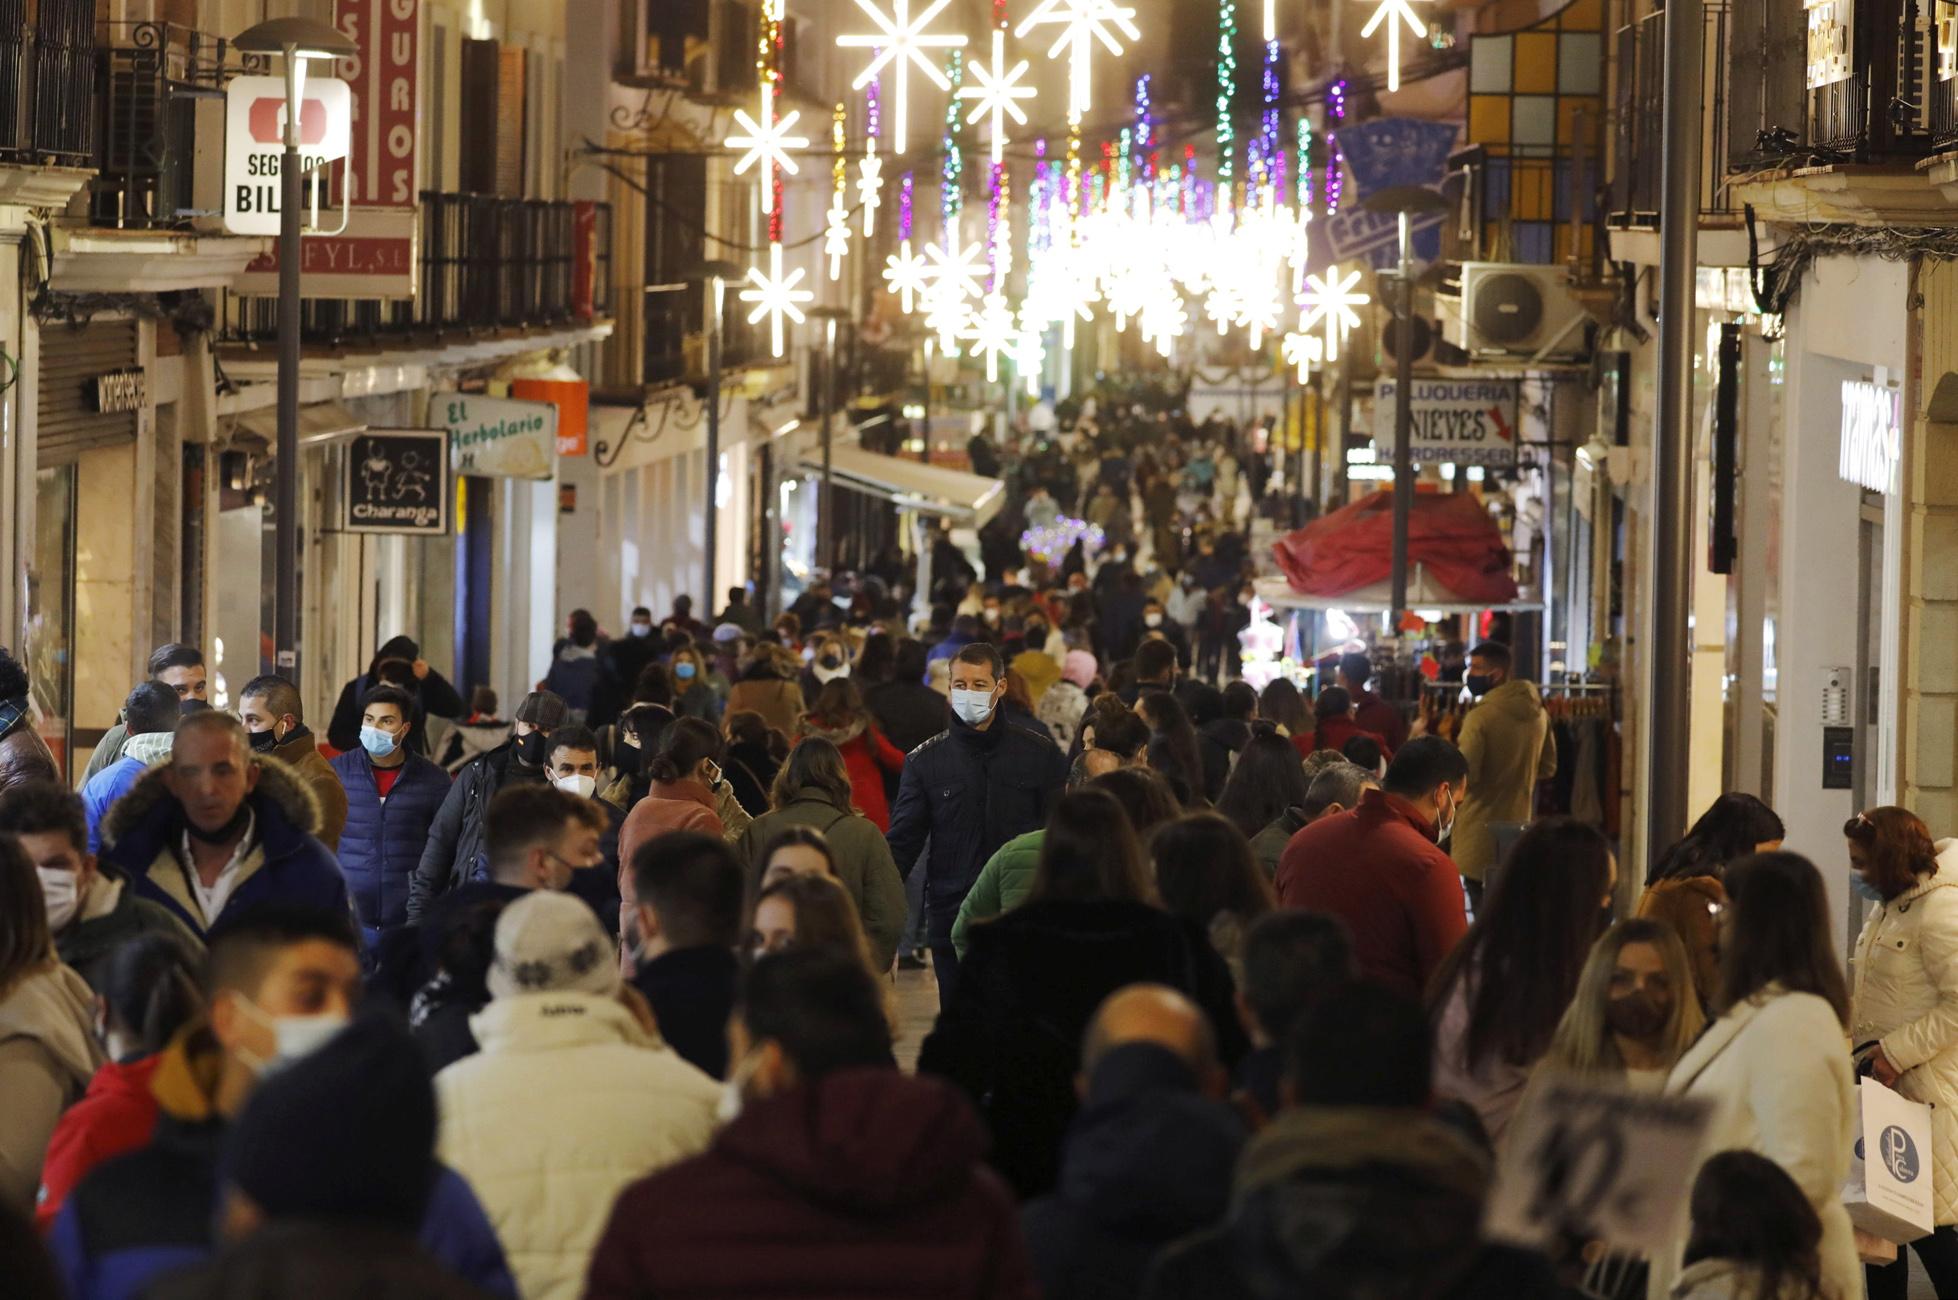 Ισπανία: Συνεχίζει να αρνείται το ολικό lockdown η κυβέρνηση